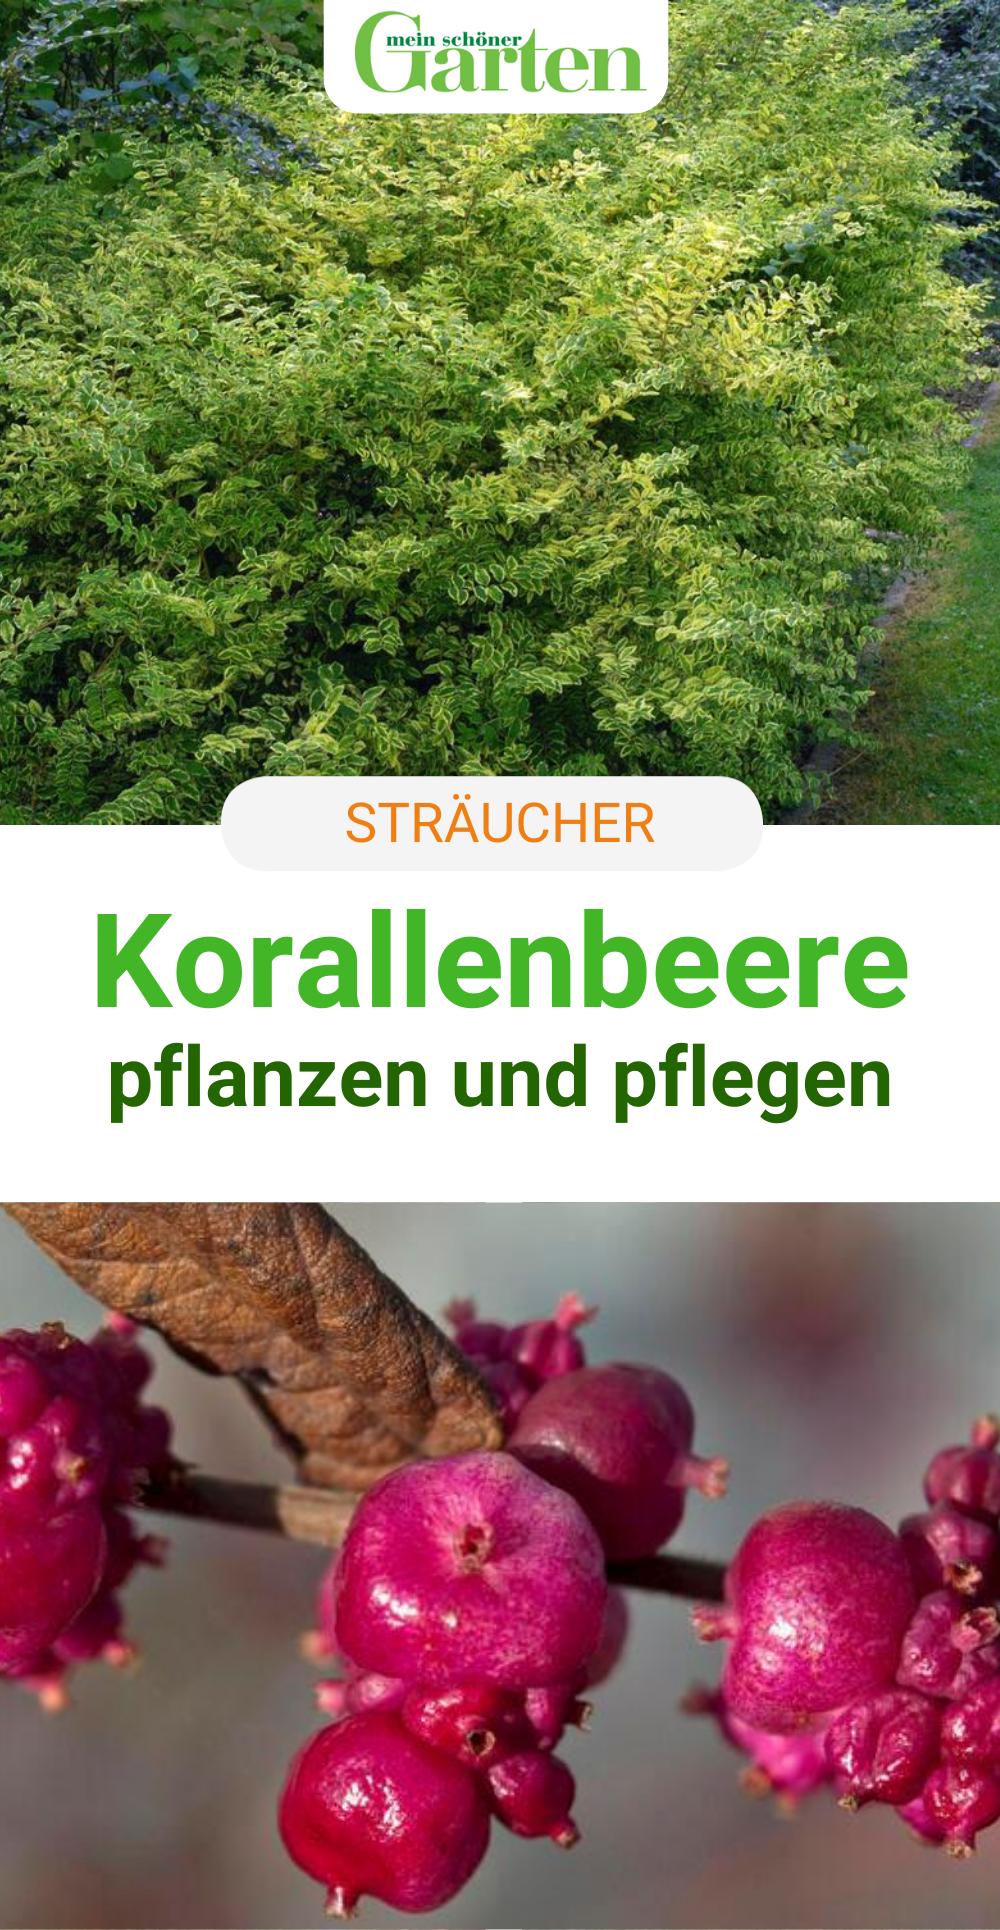 Korallenbeere Robustes Ziergeholz Beeren Pflanzen Ziergeholze